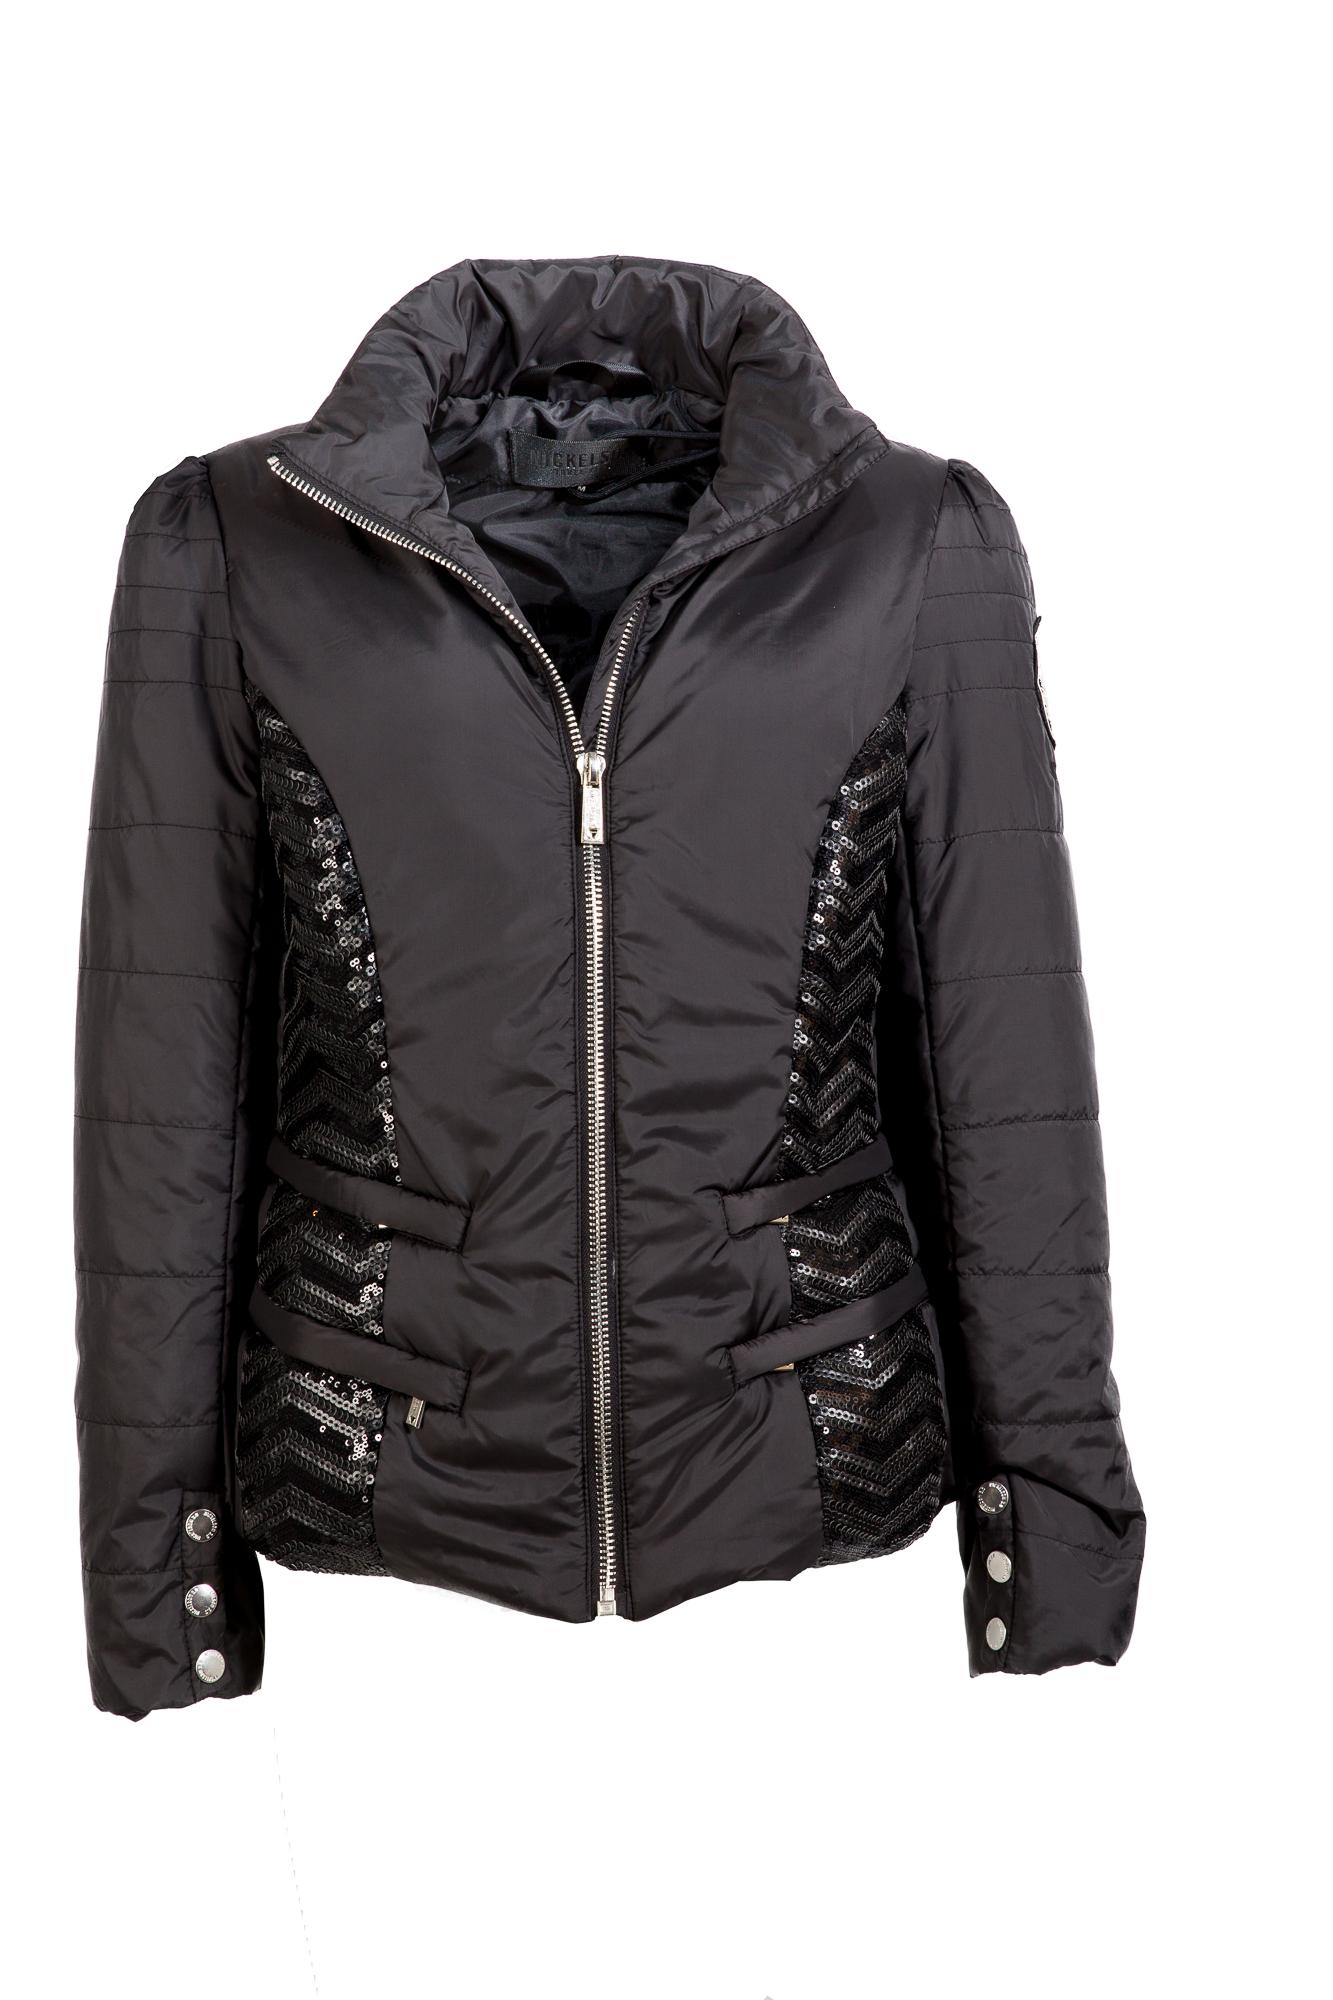 Modische Jacke im Daunenjackenstil von Nickelson in schwarz